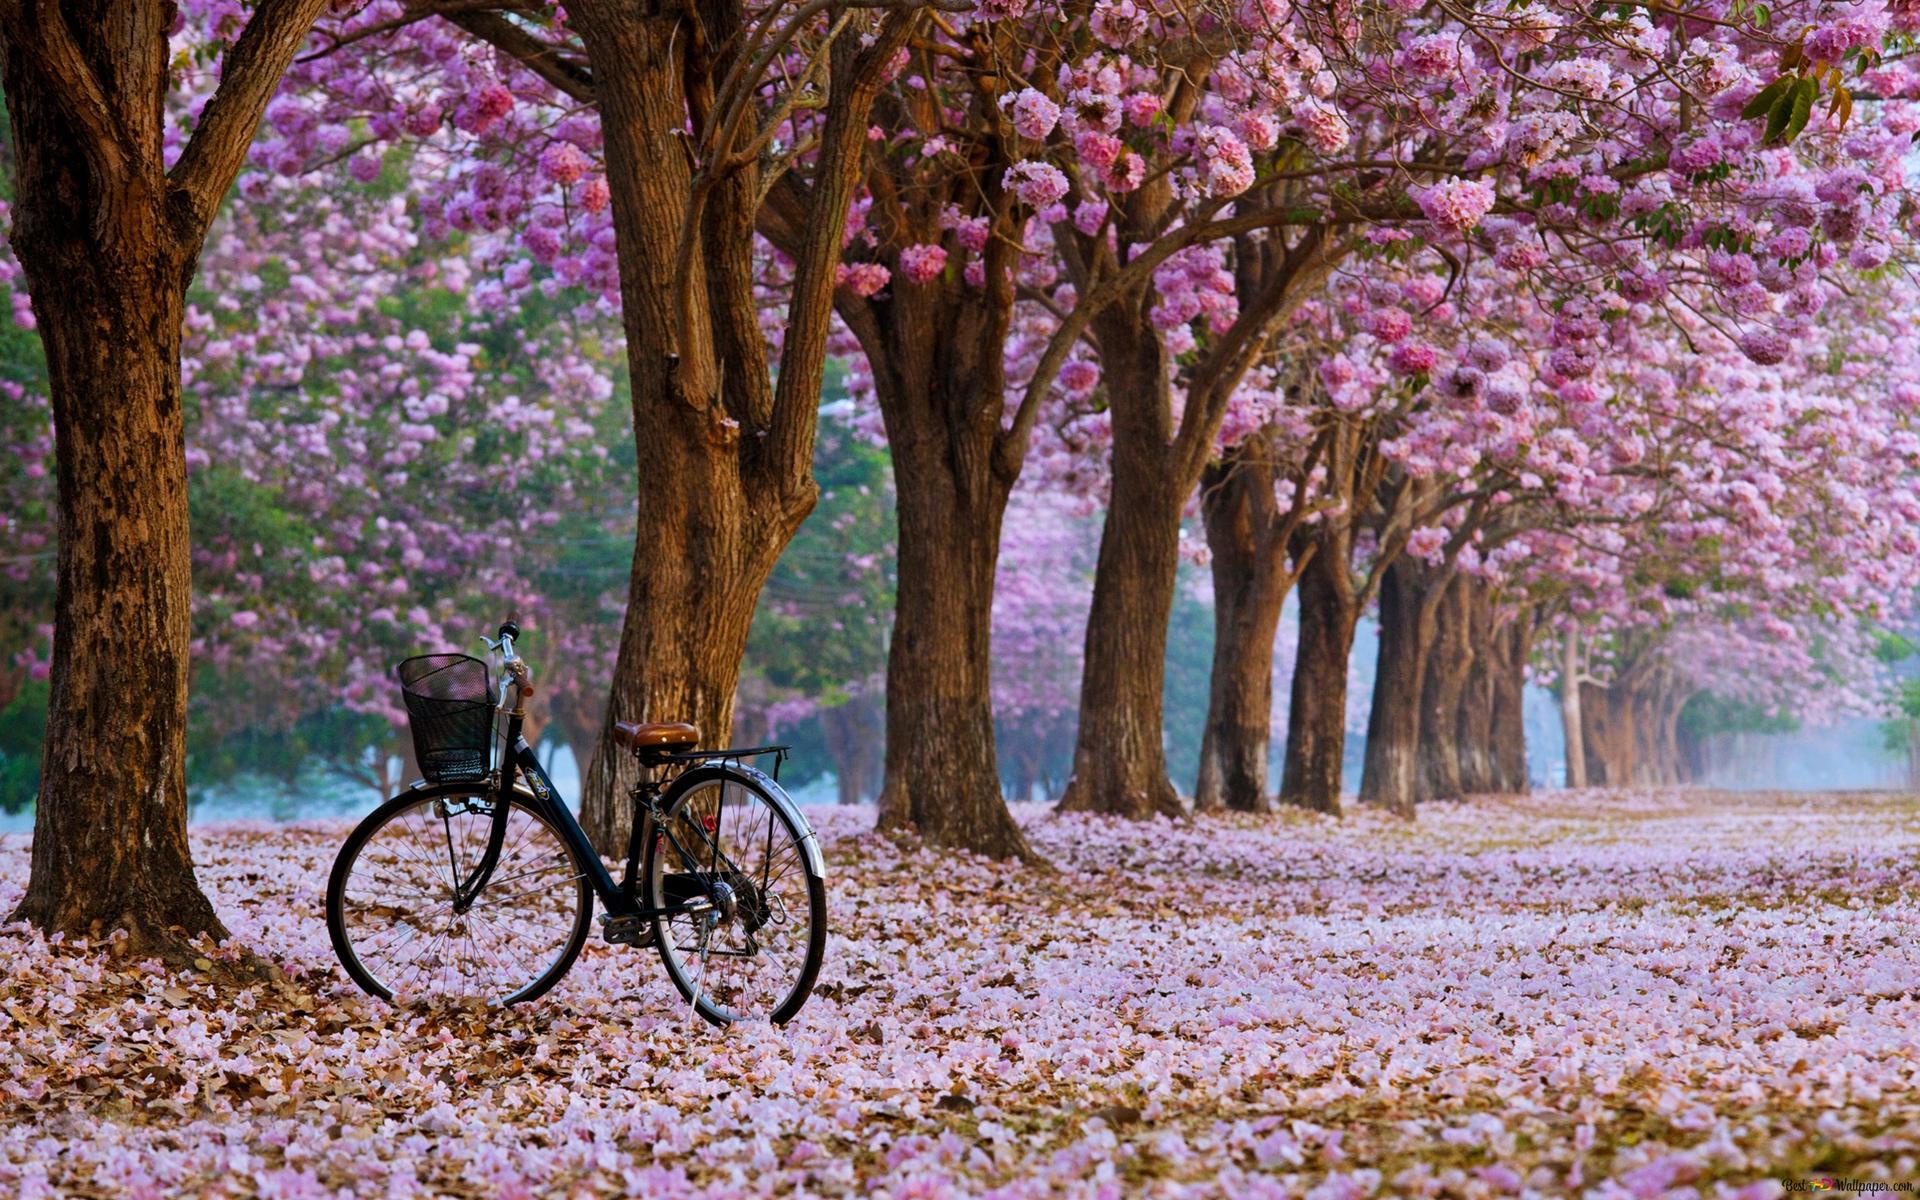 Slike za desktop proljeće